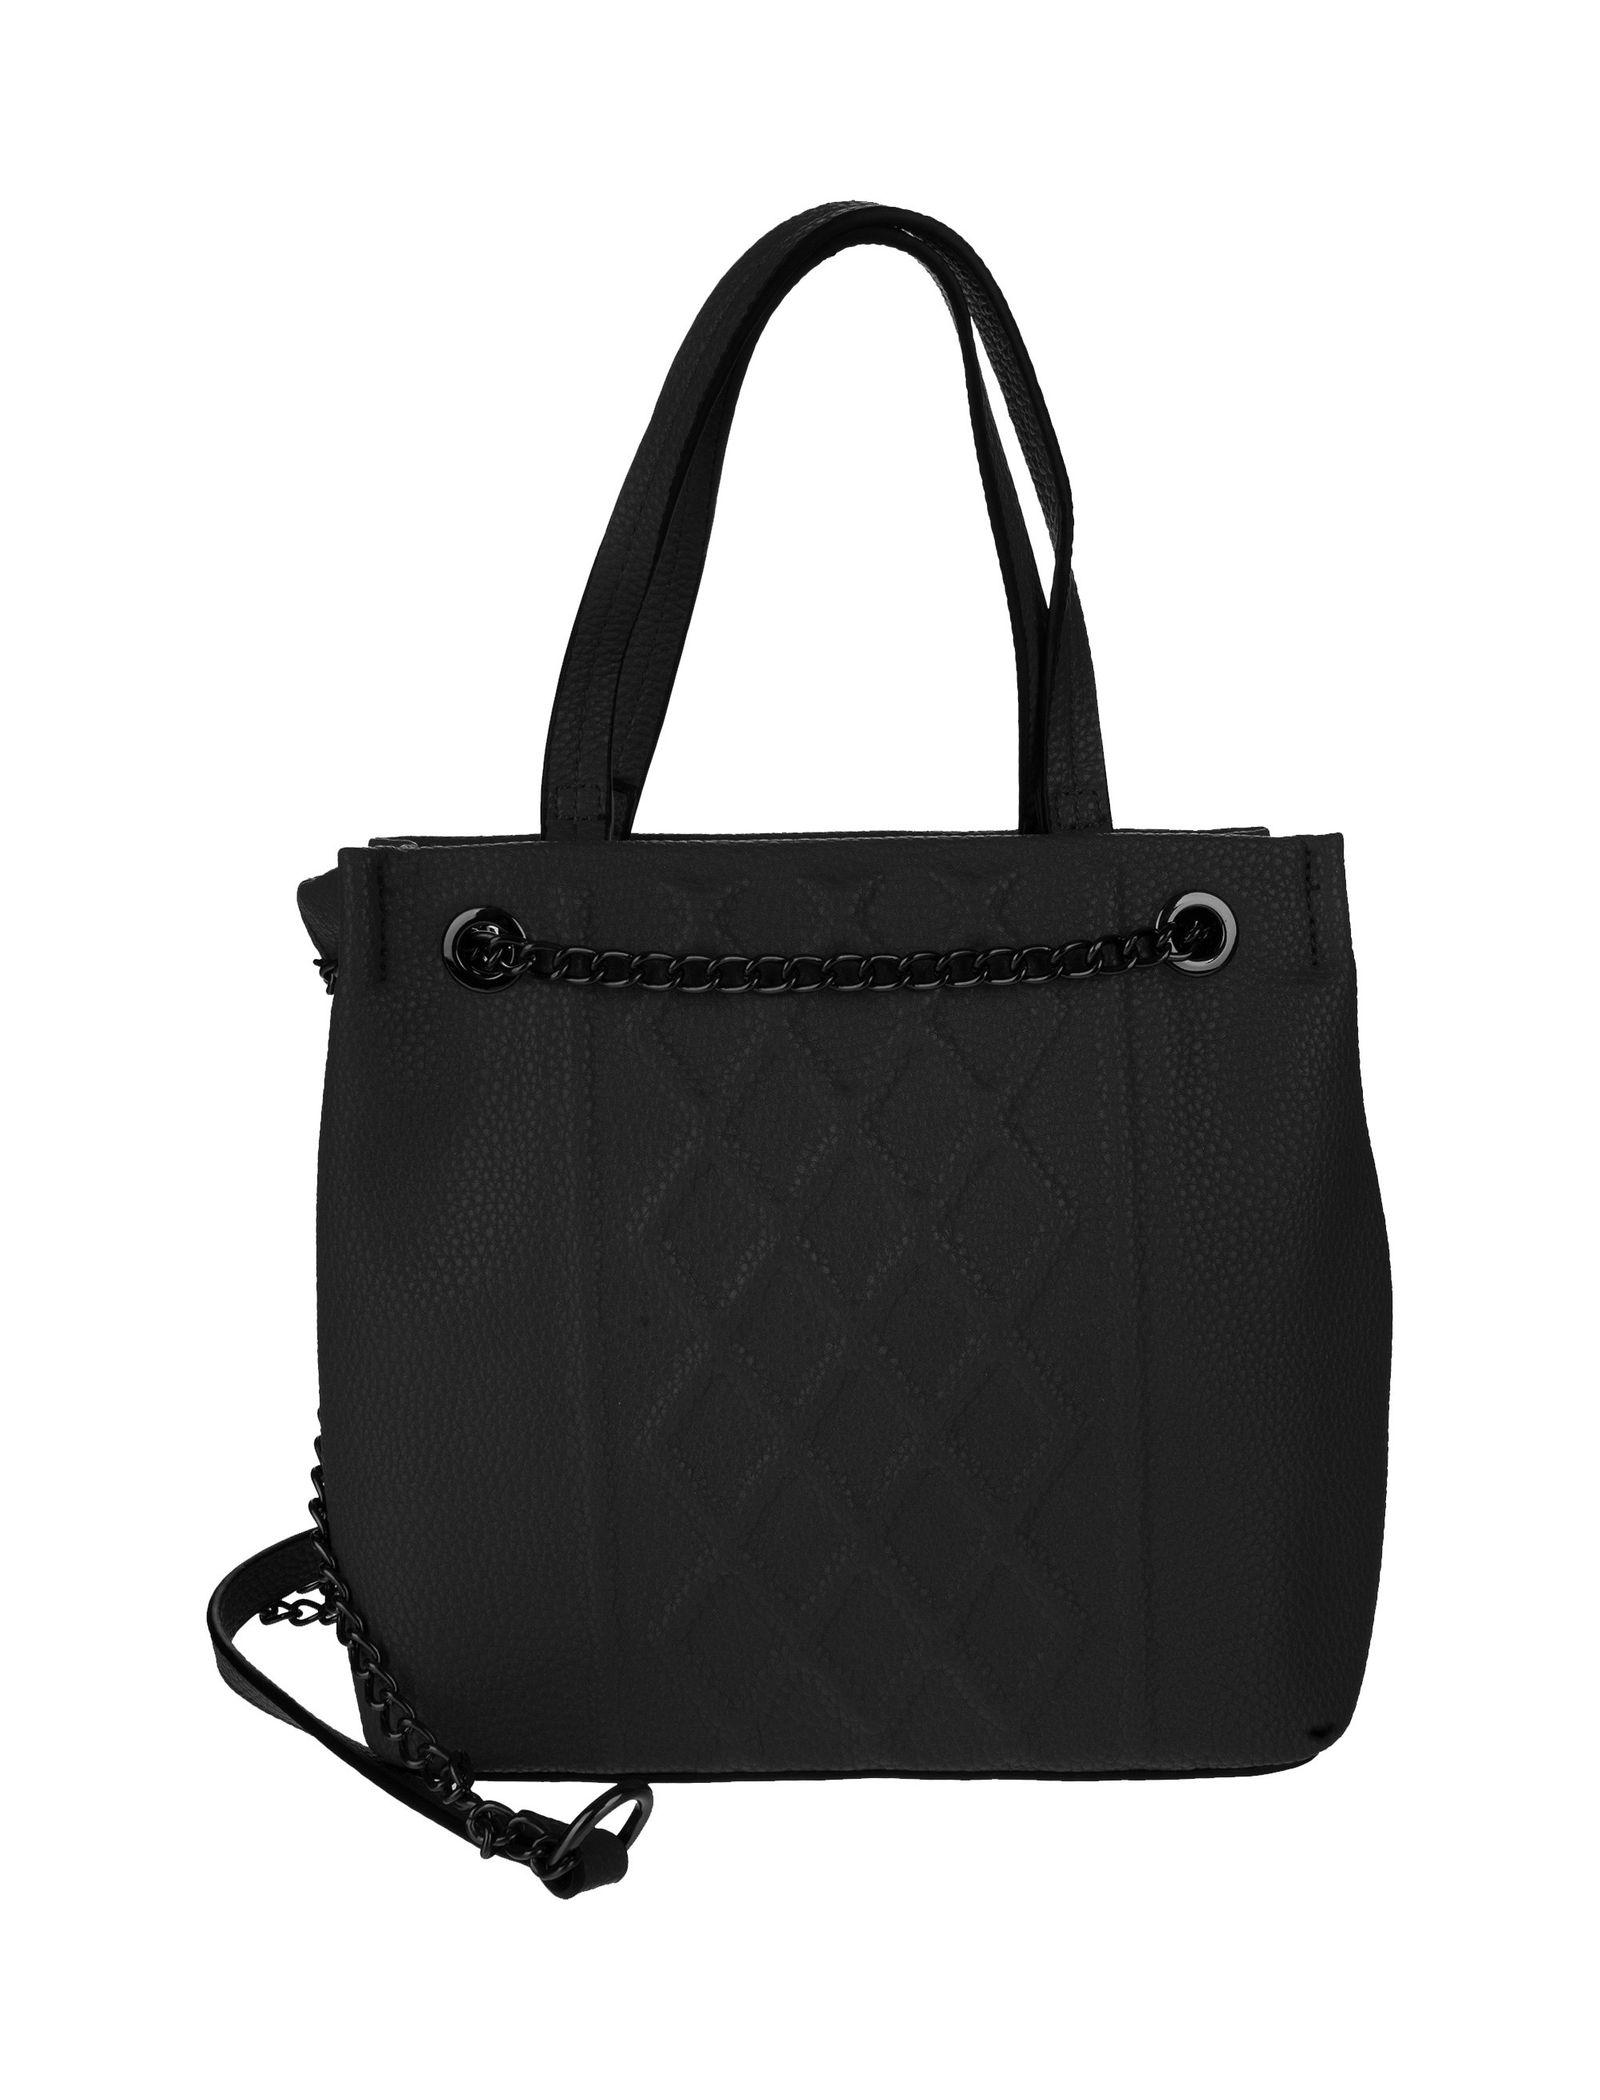 کیف دستی روزمره زنانه - جانی اند جانی تک سایز - مشکي - 4